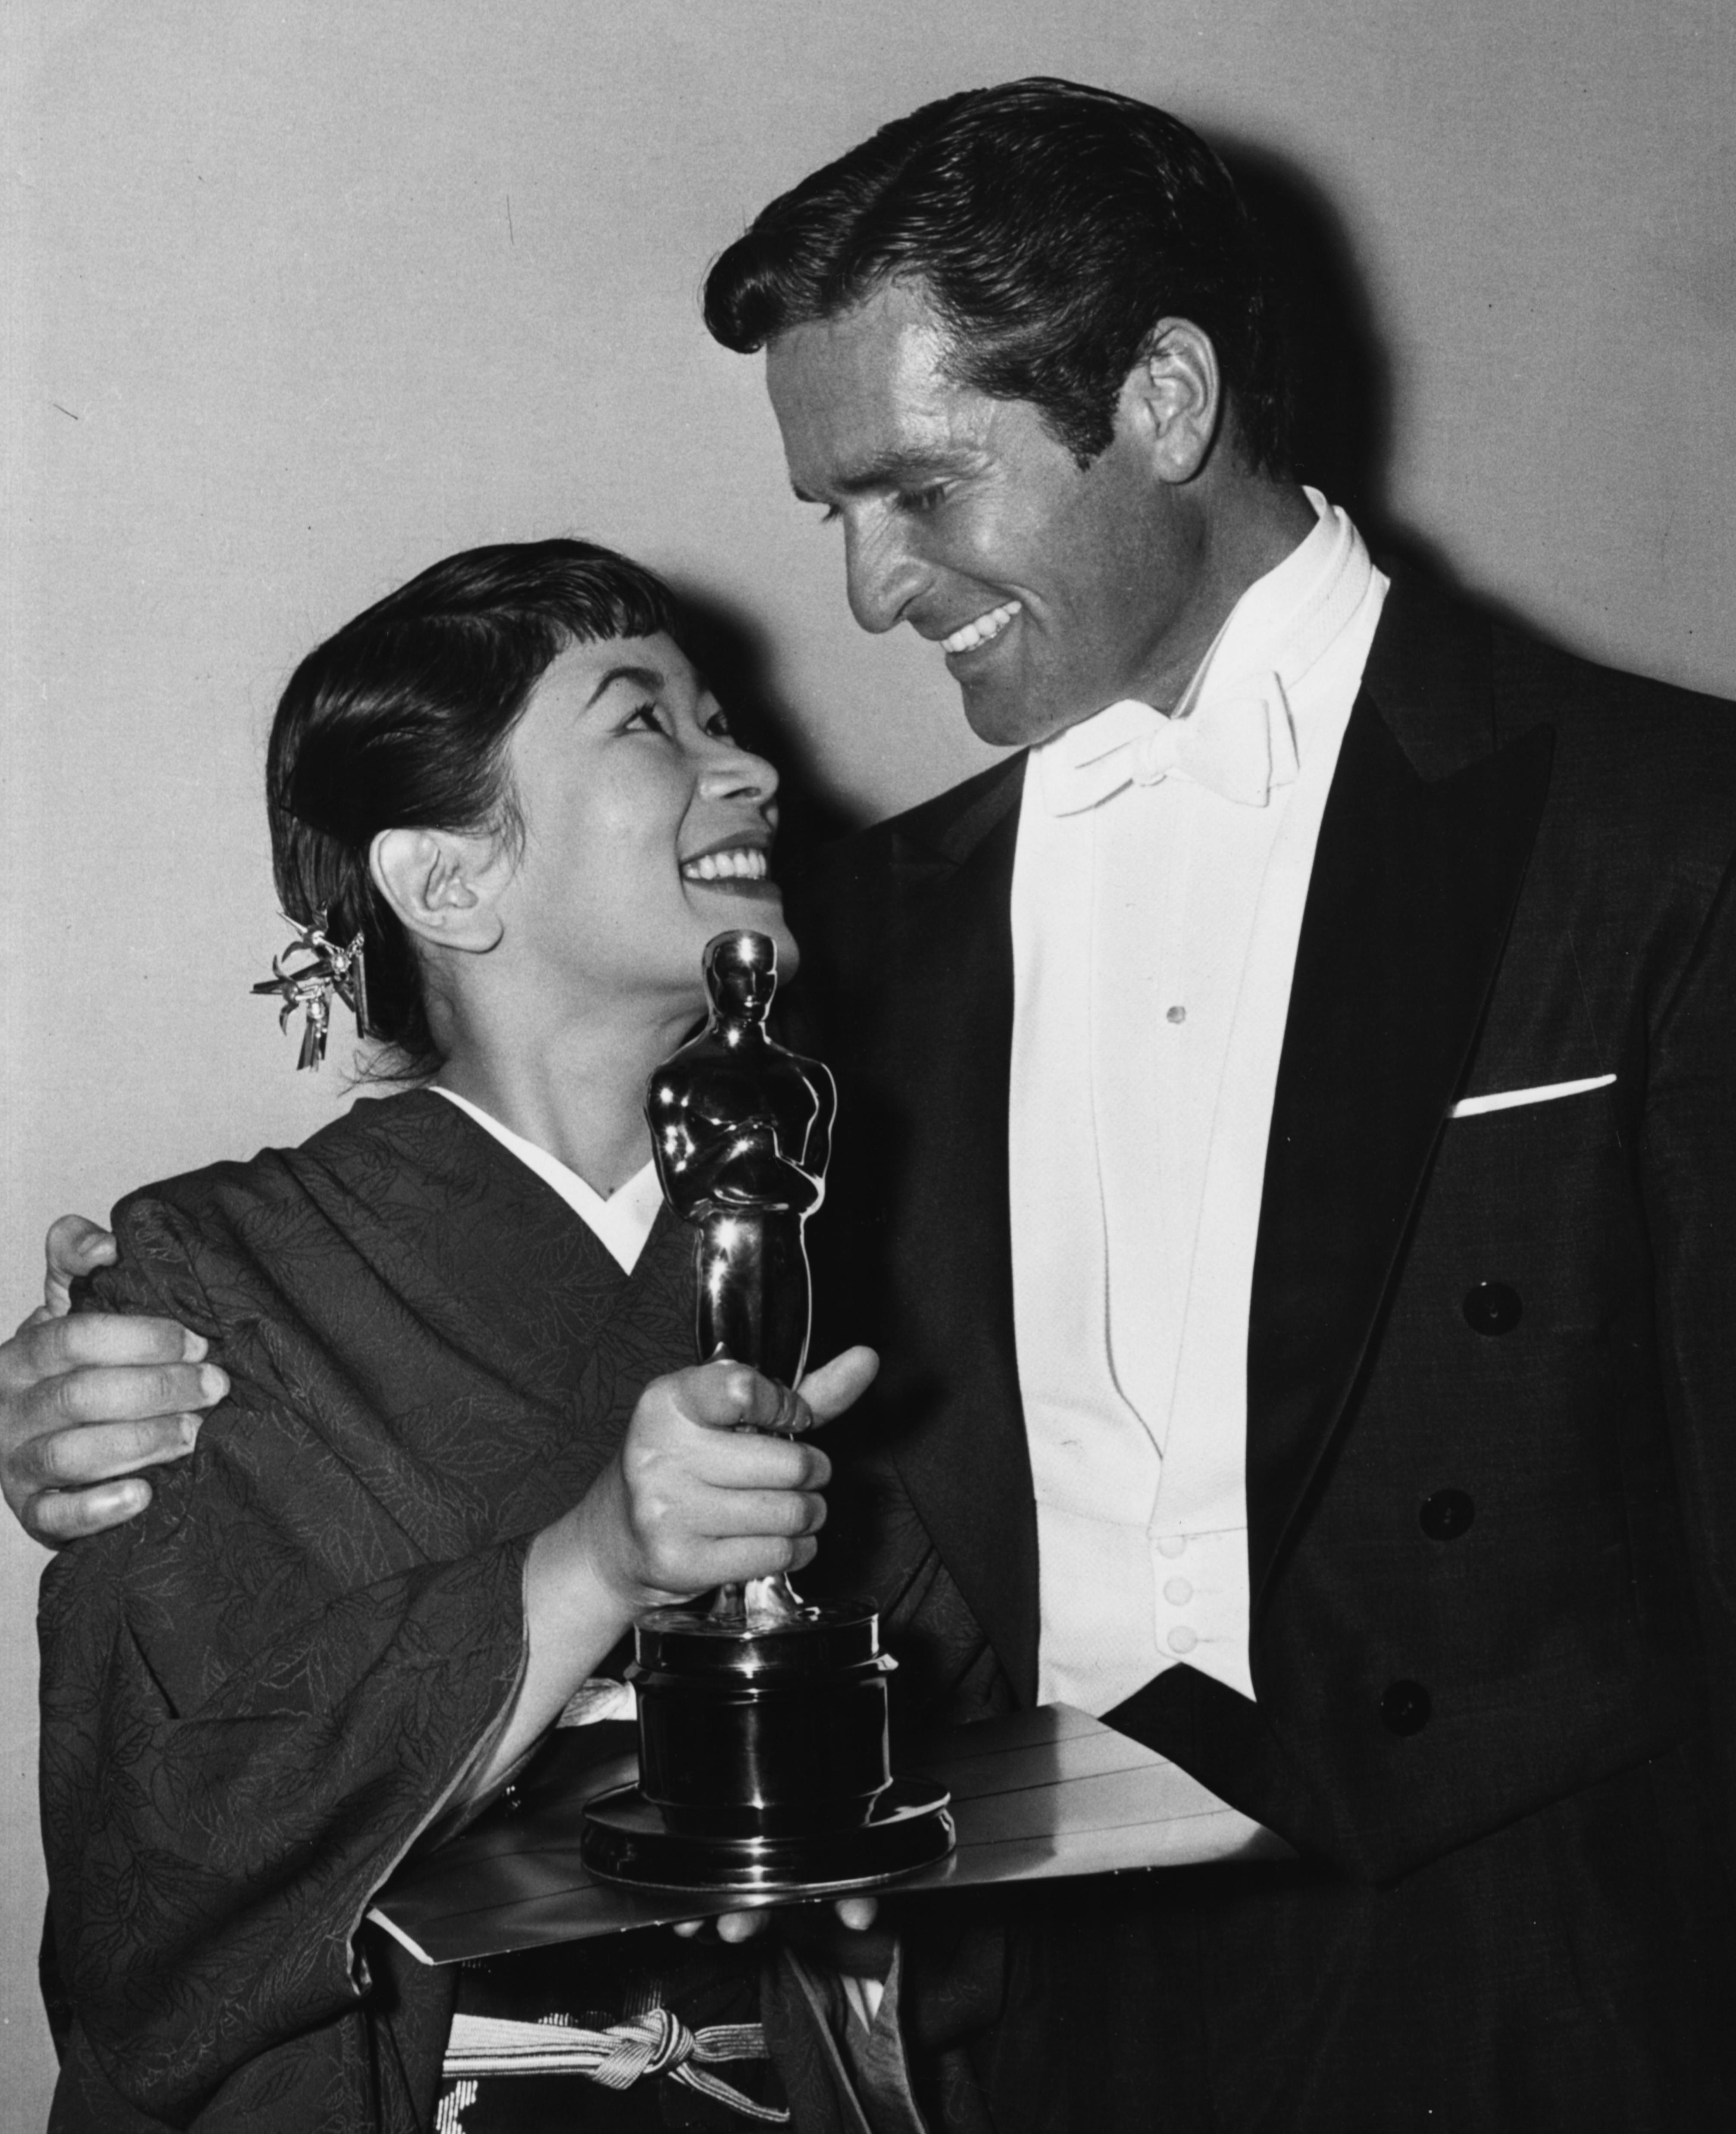 Мийоши Умеки държи Оскар за Най-добра поддържаща женска роля в Sayonara. До нея стои Хю О'Брайън, 1958